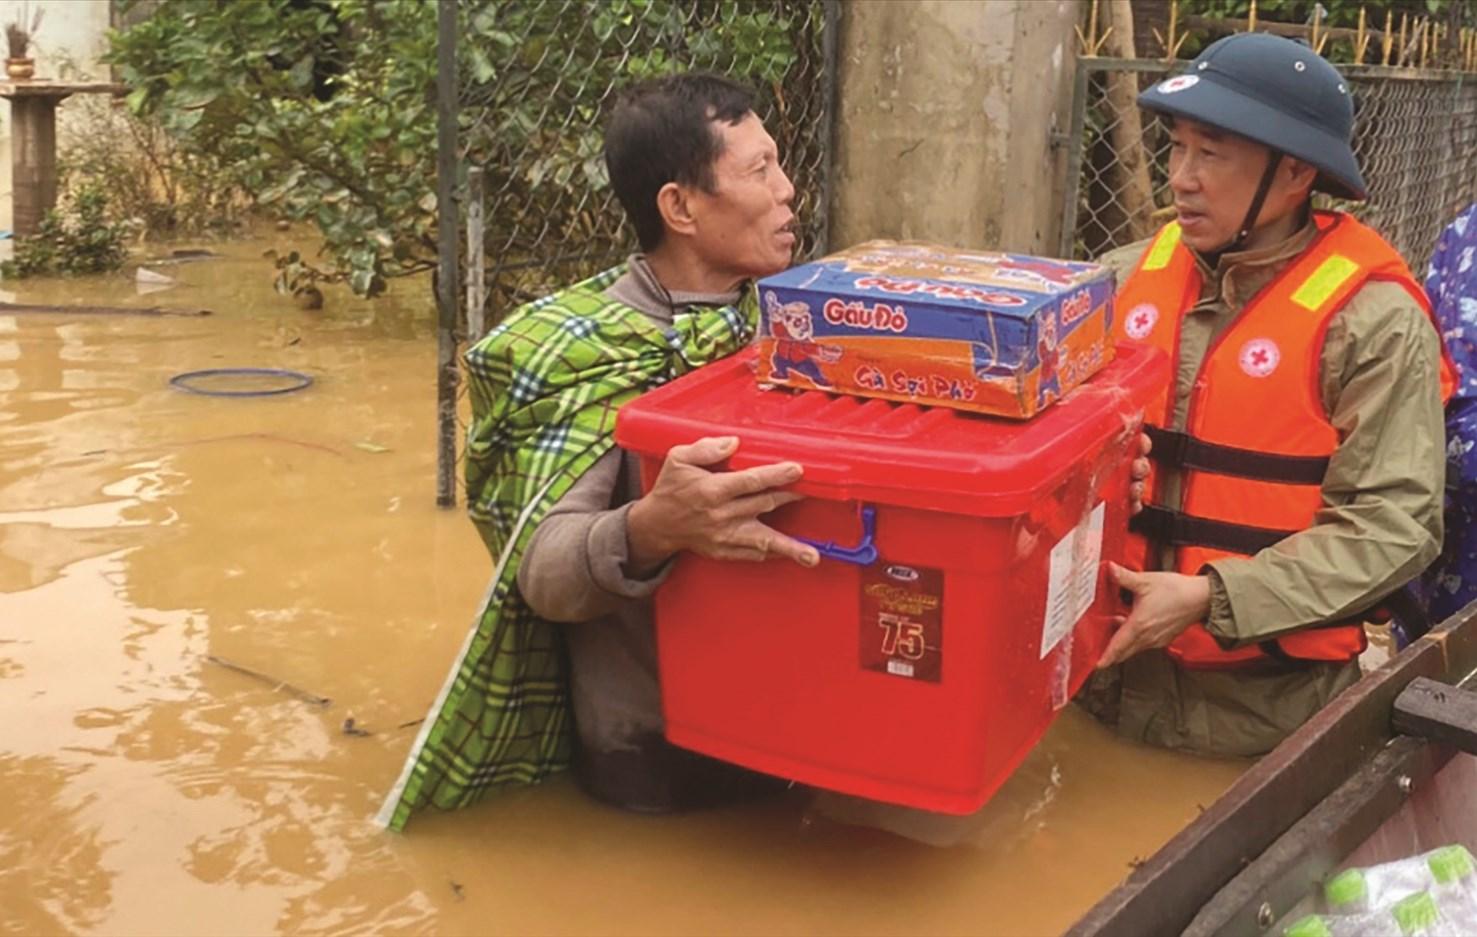 Tương trợ nhau trong hoạn nạn là truyền thống tốt đẹp của người Việt Nam.